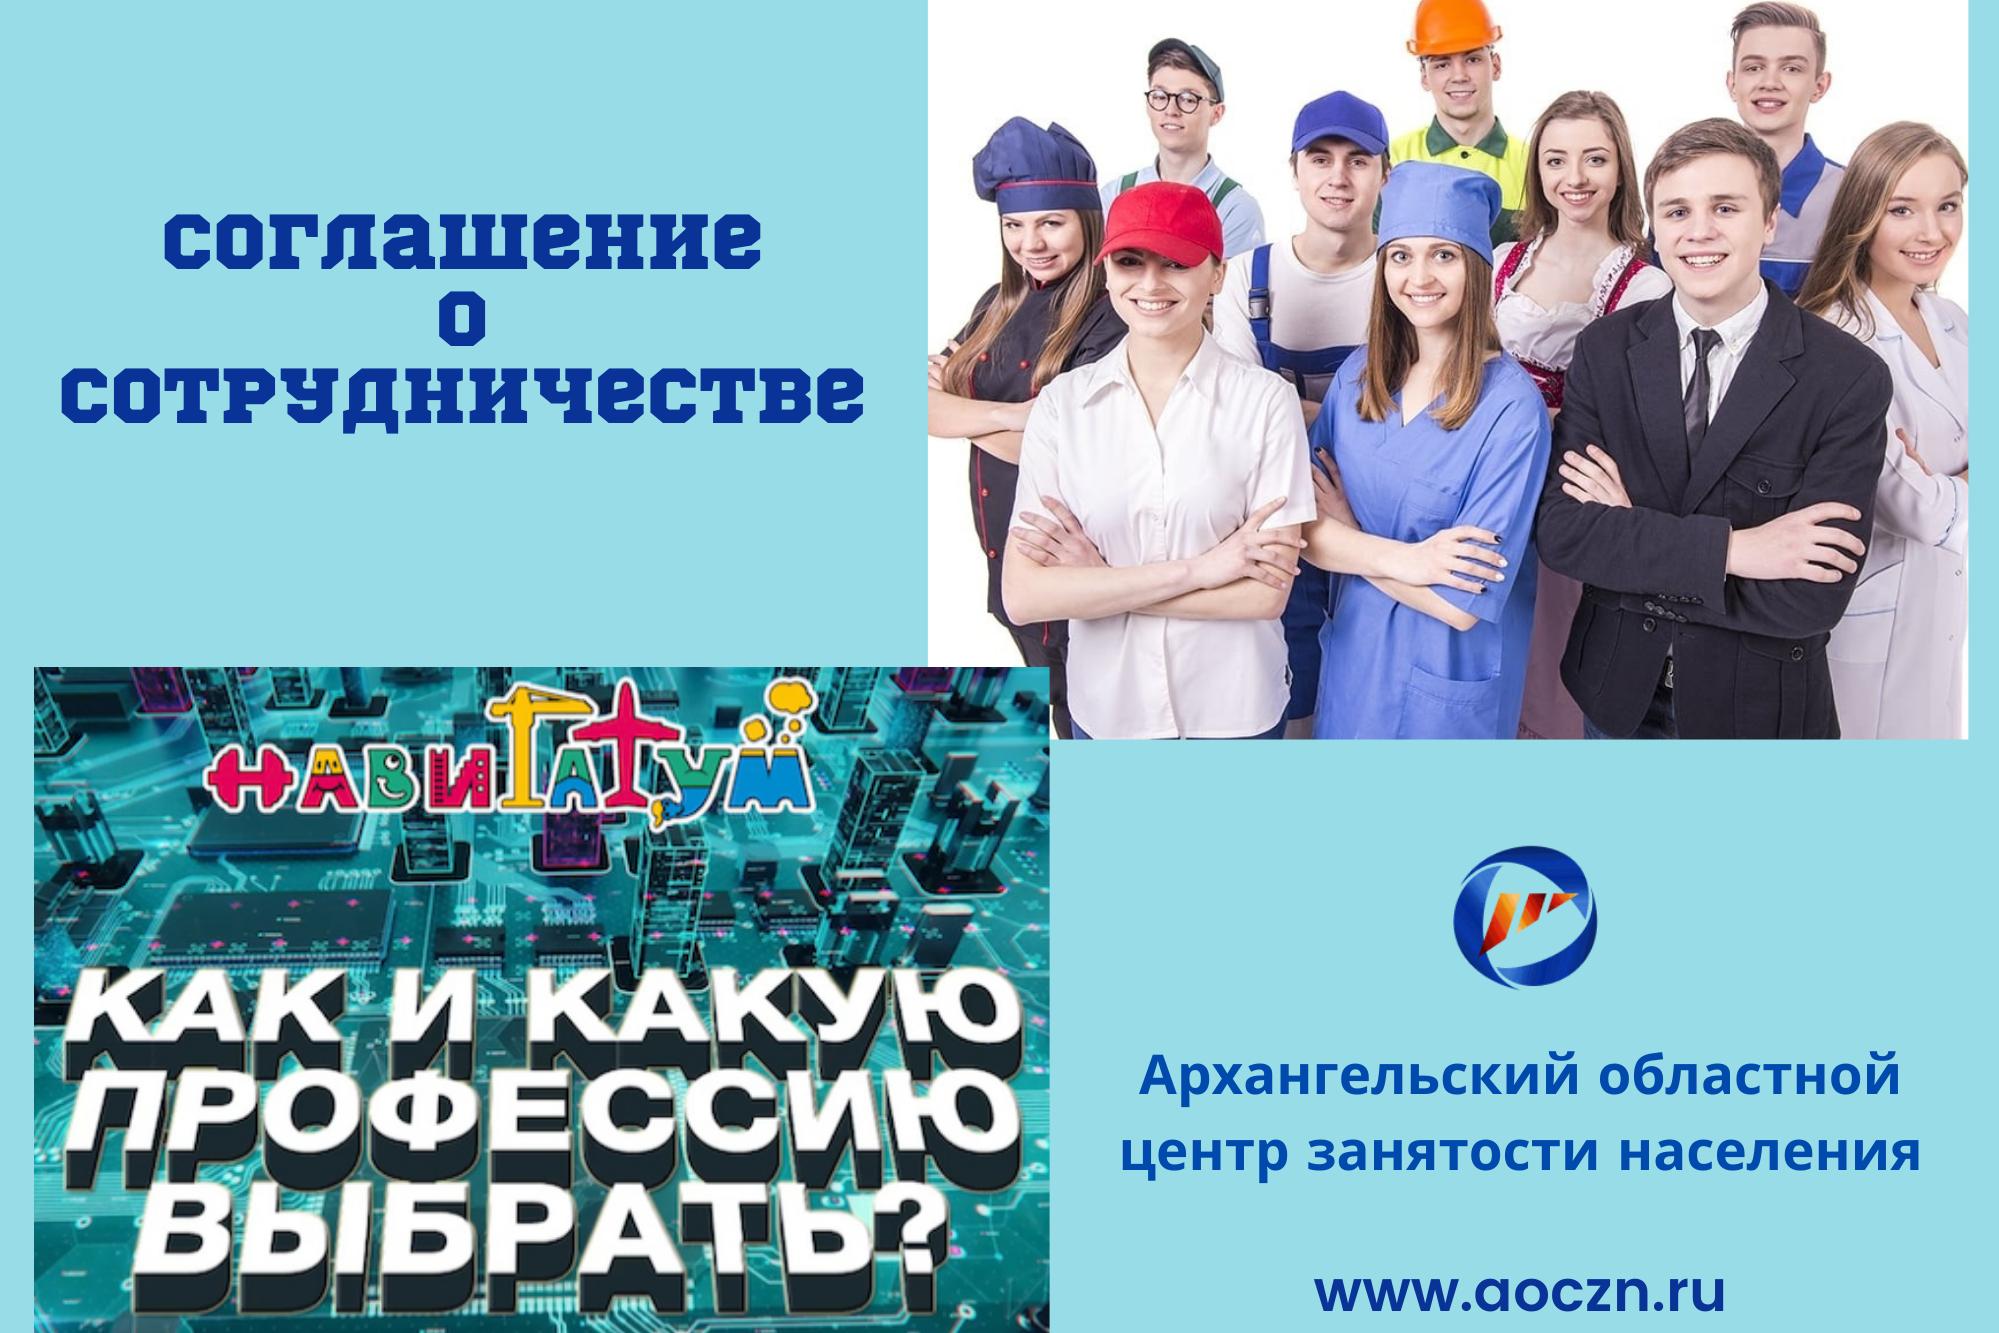 Служба занятости расширяет набор инструментов для профессионального и личностного самоопределения граждан